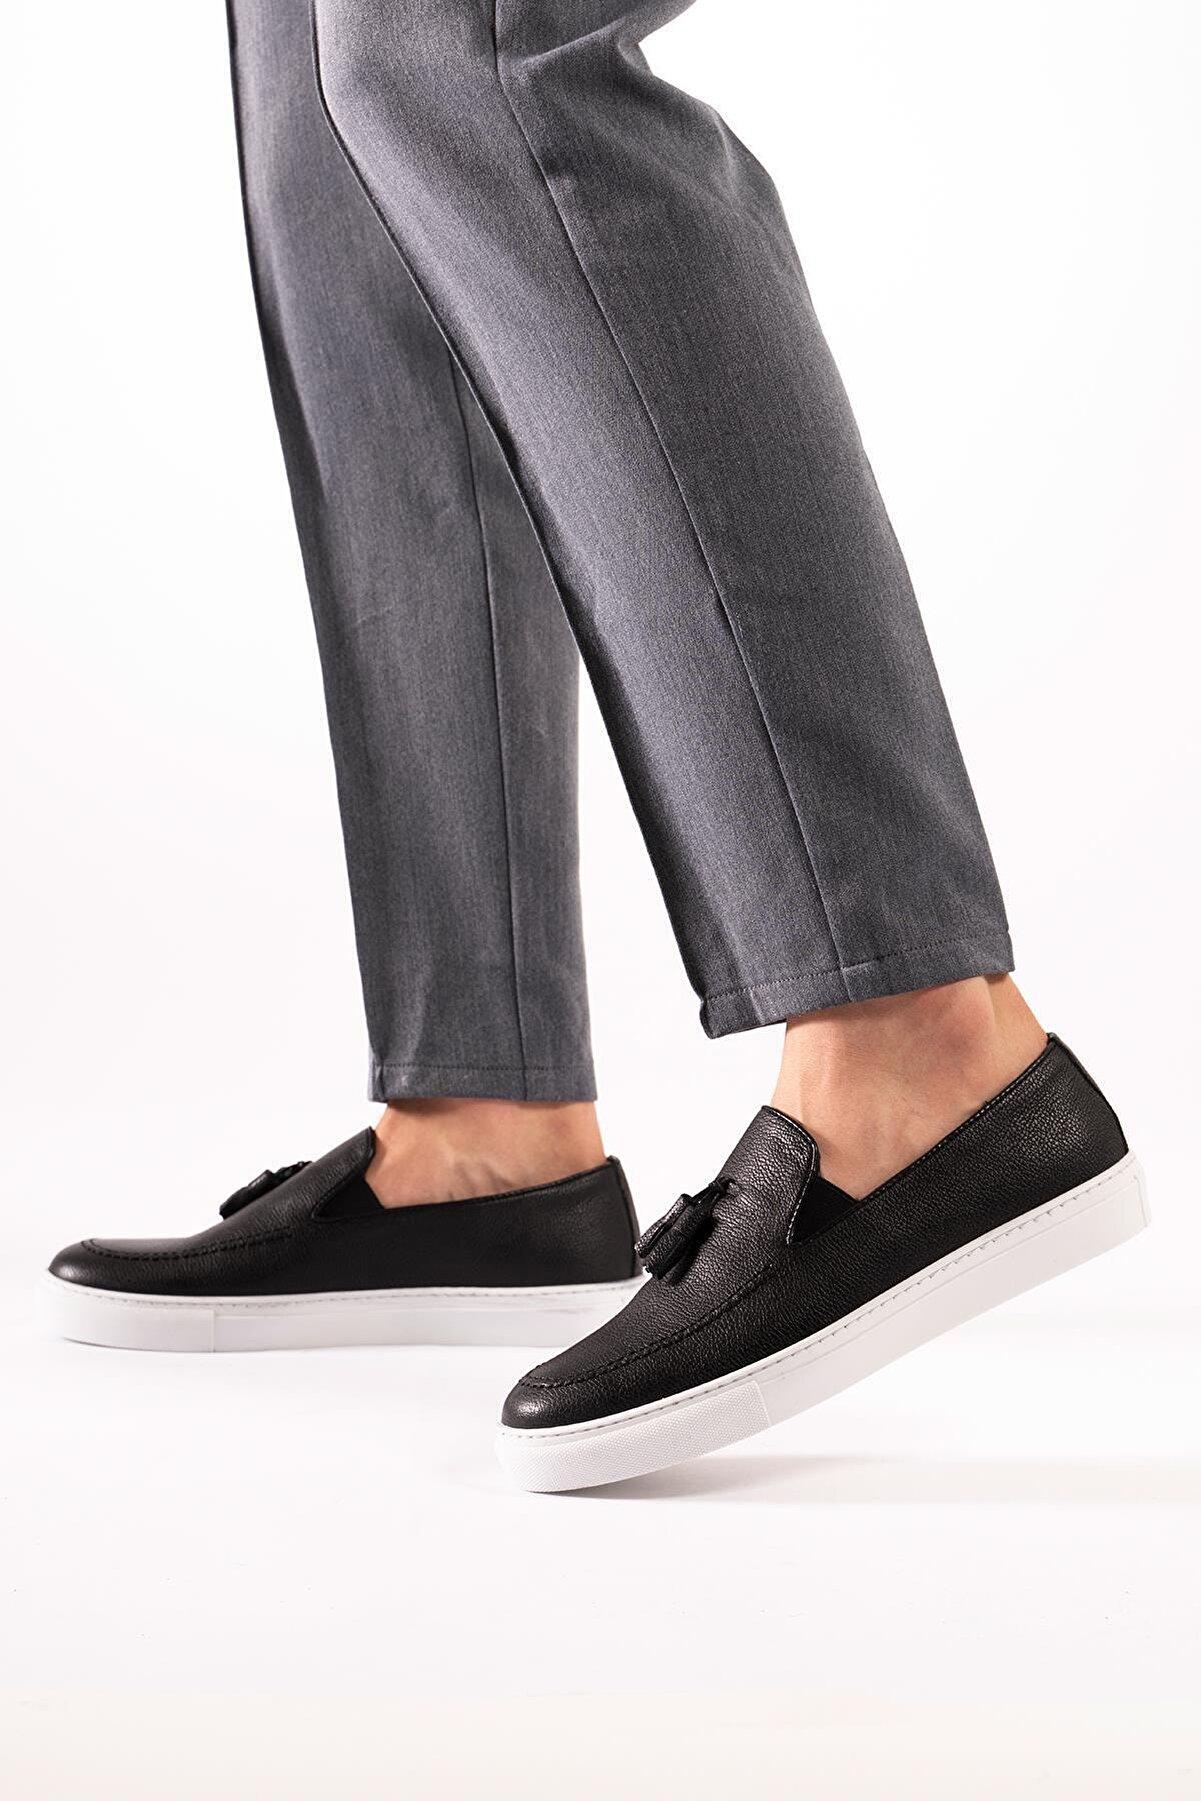 CZ London Hakiki Deri Erkek Loafer Sneaker Spor Ayakkabı Püsküllü Pedli